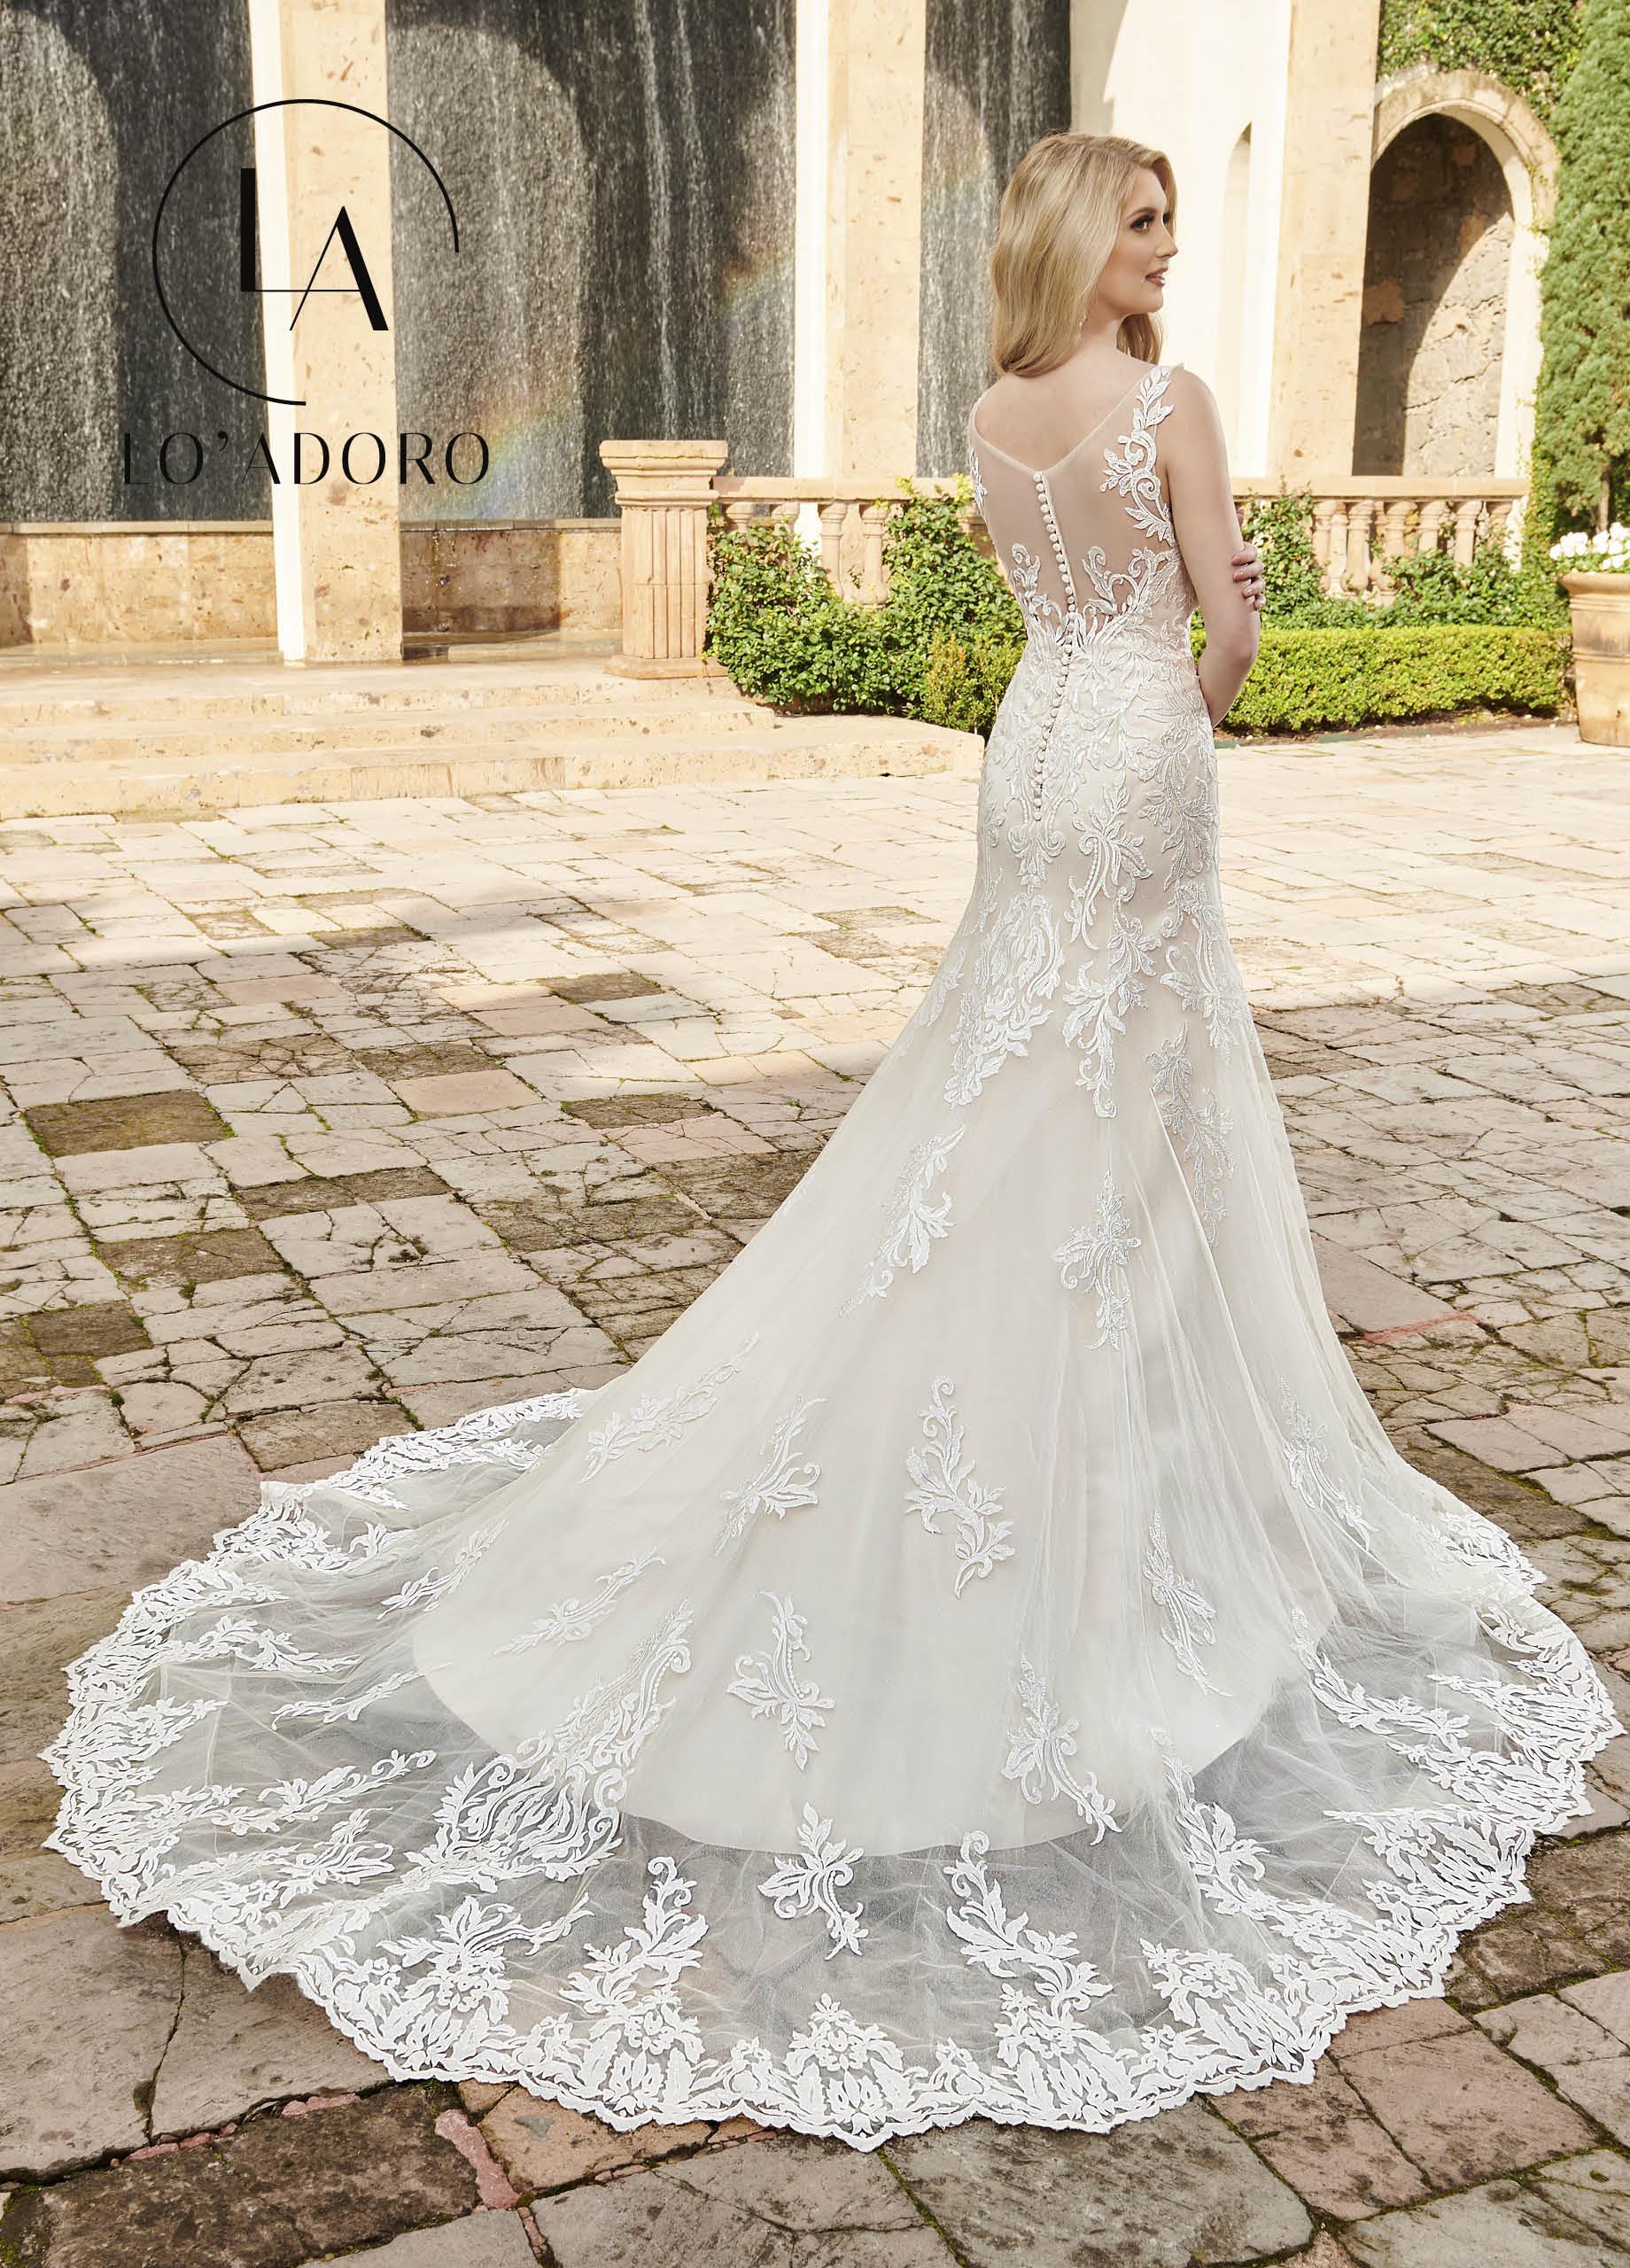 Lo Adoro Bridal Dresses   Lo' Adoro   Style - M795